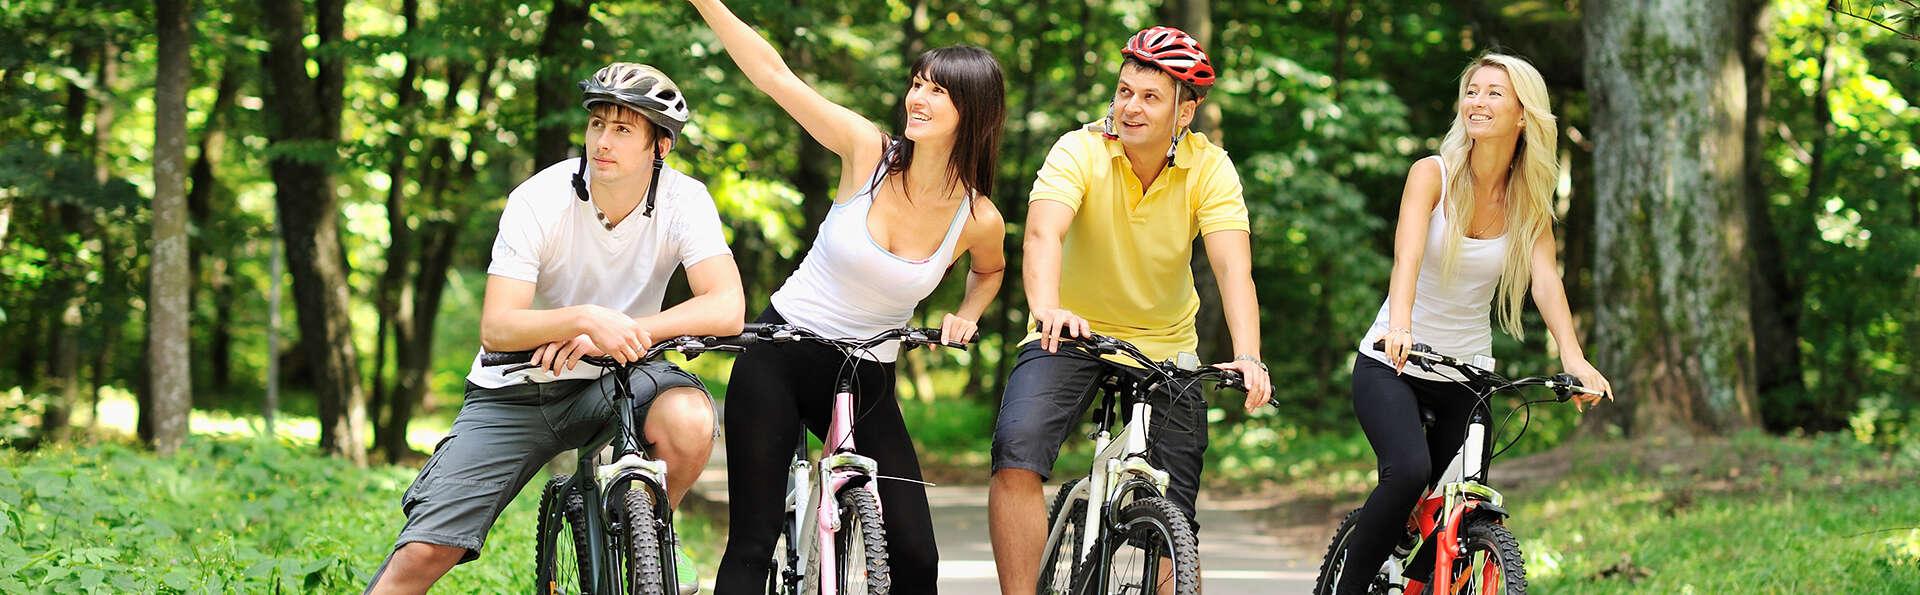 Dîner et balade à vélo autour de la forêt près d'Amersfoort (à partir de 2 nuits)